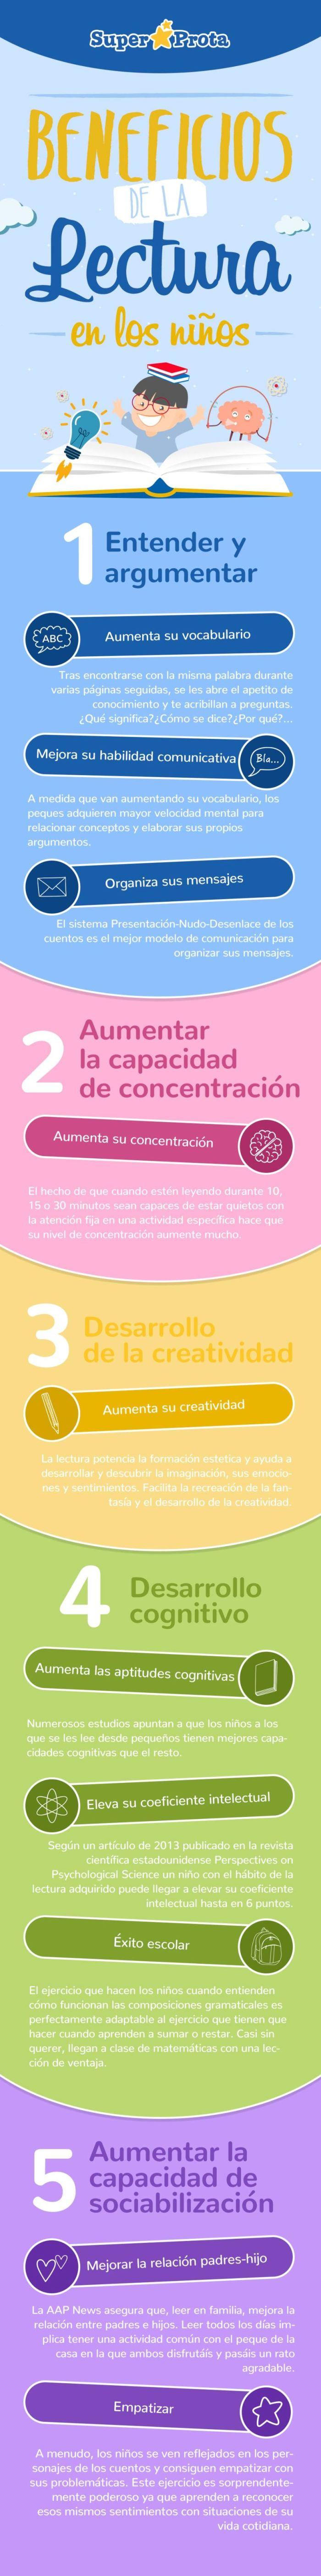 5BeneficiosLecturaNiños-Infografía-BlogGesvin